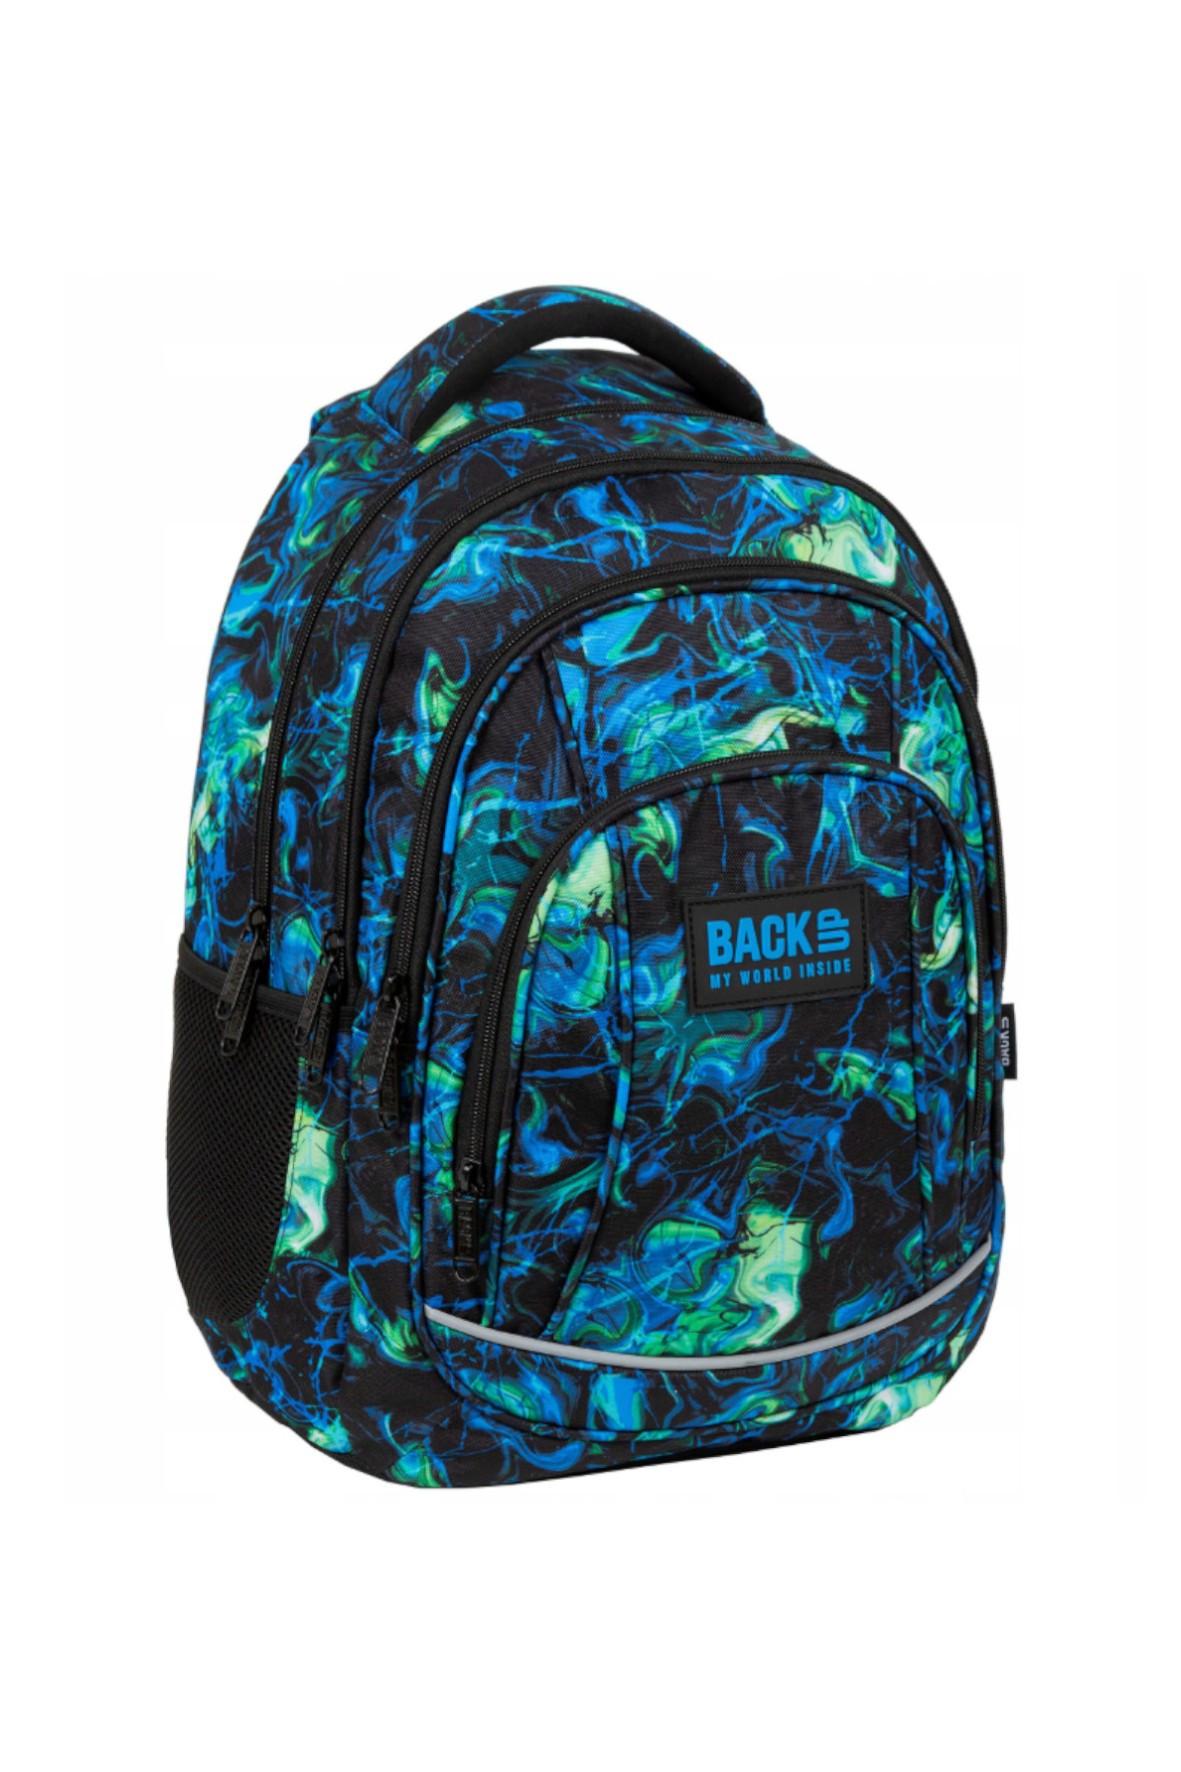 Plecak szkolny BackUp Ultra- 4komory